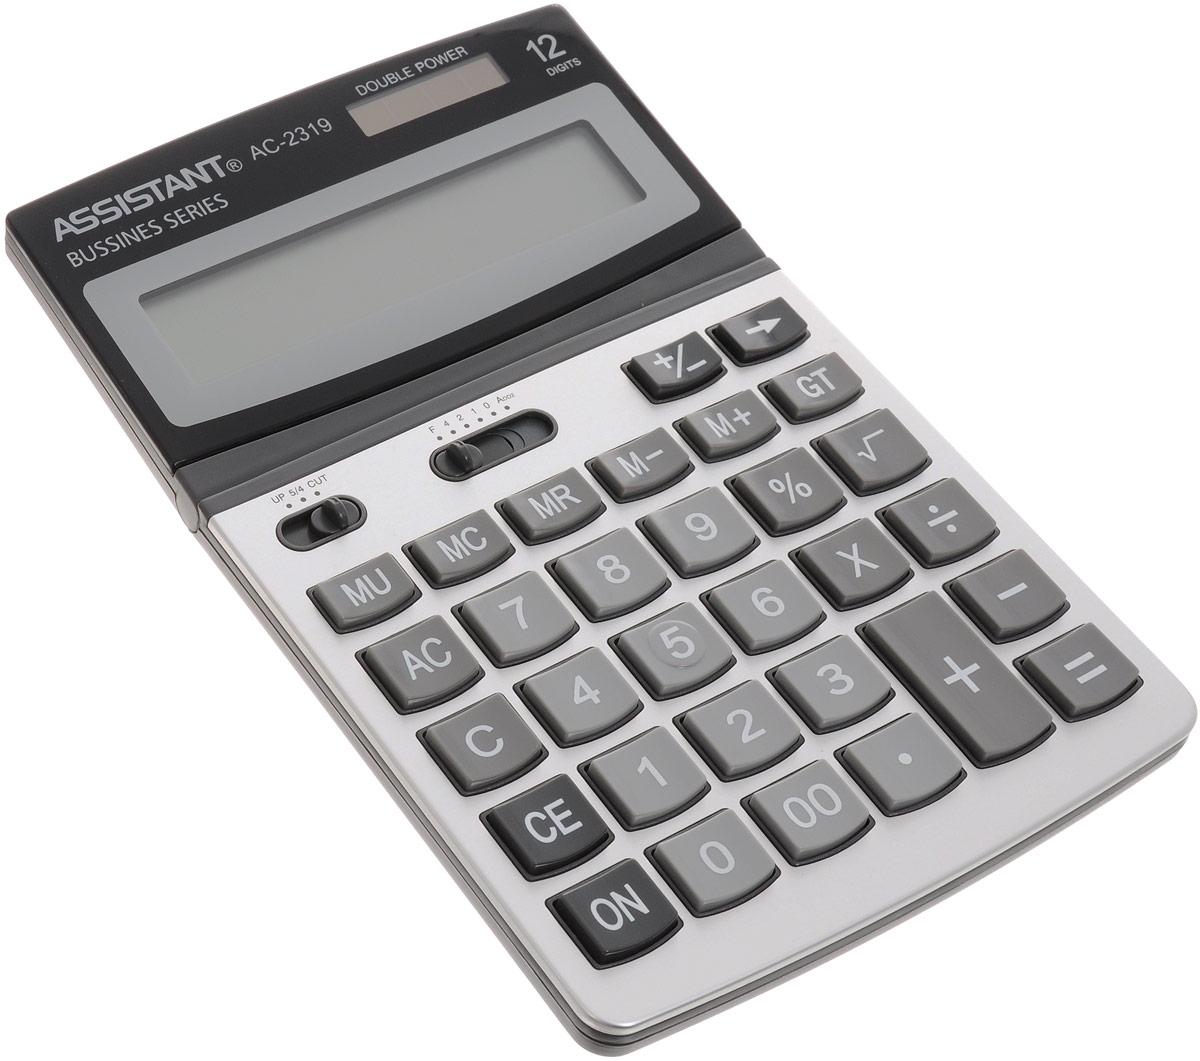 Калькулятор Assistant AC-2319, 12-разрядныйAC-2319Классический настольный калькулятор с большим 12-разрядным дисплеем и чувствительной клавиатурой с большими пластиковыми кнопками. Калькулятор имеет двойную систему питания: от солнечного элемента и от батареи, - что гарантирует ему бесперебойную работу на несколько лет. Привлекательный стильный дизайн сделает калькулятор отличным дополнением вашего рабочего места. 12-ти разрядный дисплей Вычисление процентов Итоговая сумма Операции с наценками и скидками Двойное питание Пластиковые кнопки Металлическая лицевая панель Регулируемый дисплей Удаление последнего введенного символа Характеристики: Размер калькулятора: 20 х 13 х 2,8 см. Размер дисплея: 10,3 см х 2,3 см. Цвет: черный, серый. Изготовитель: Китай.